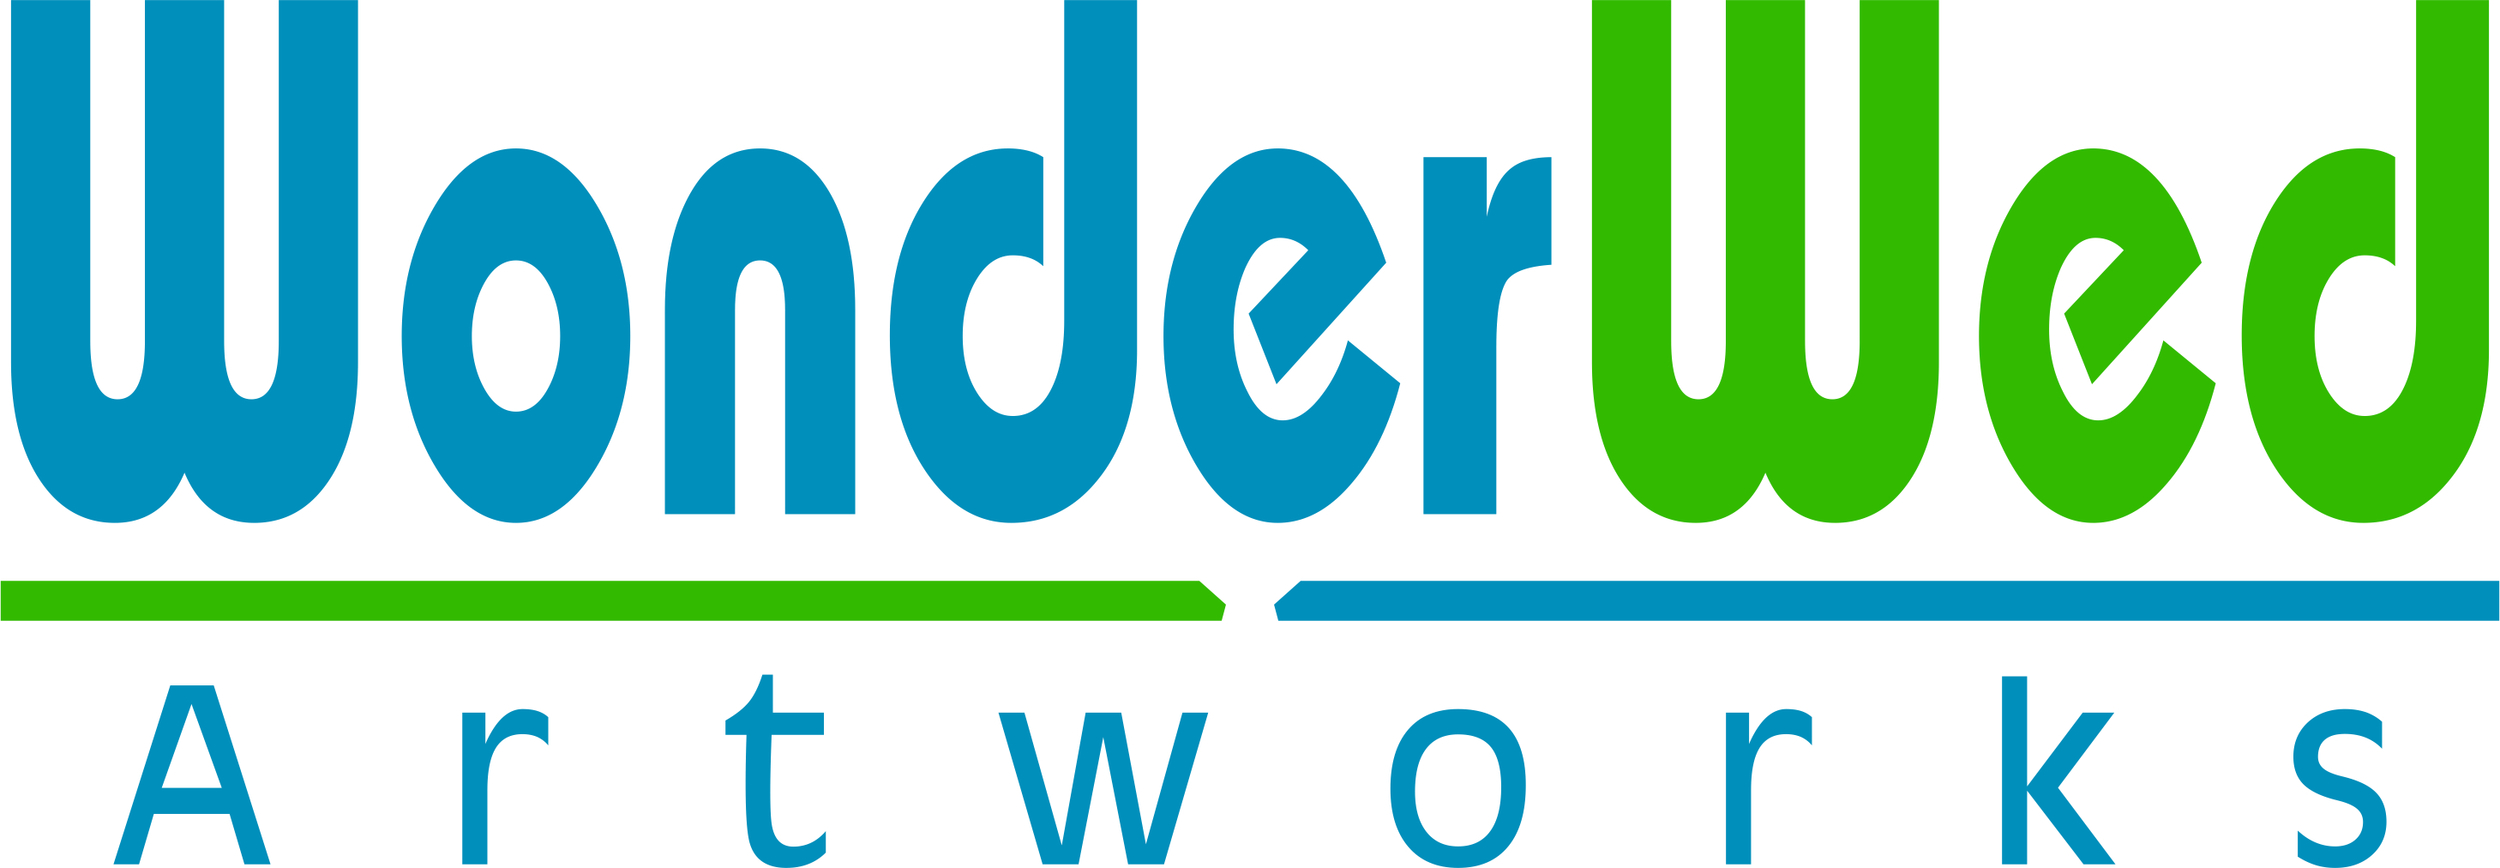 kb logo - wonderwed artworks.jpg